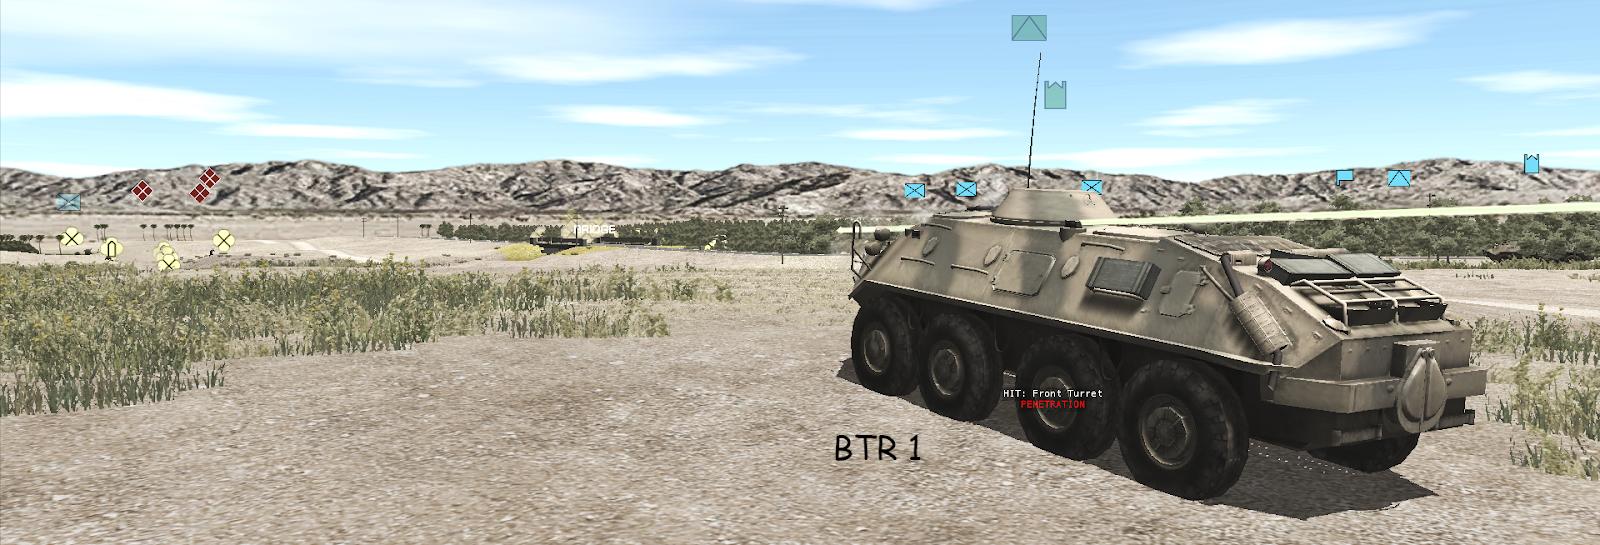 I+BRDM4+v+BTR1.png